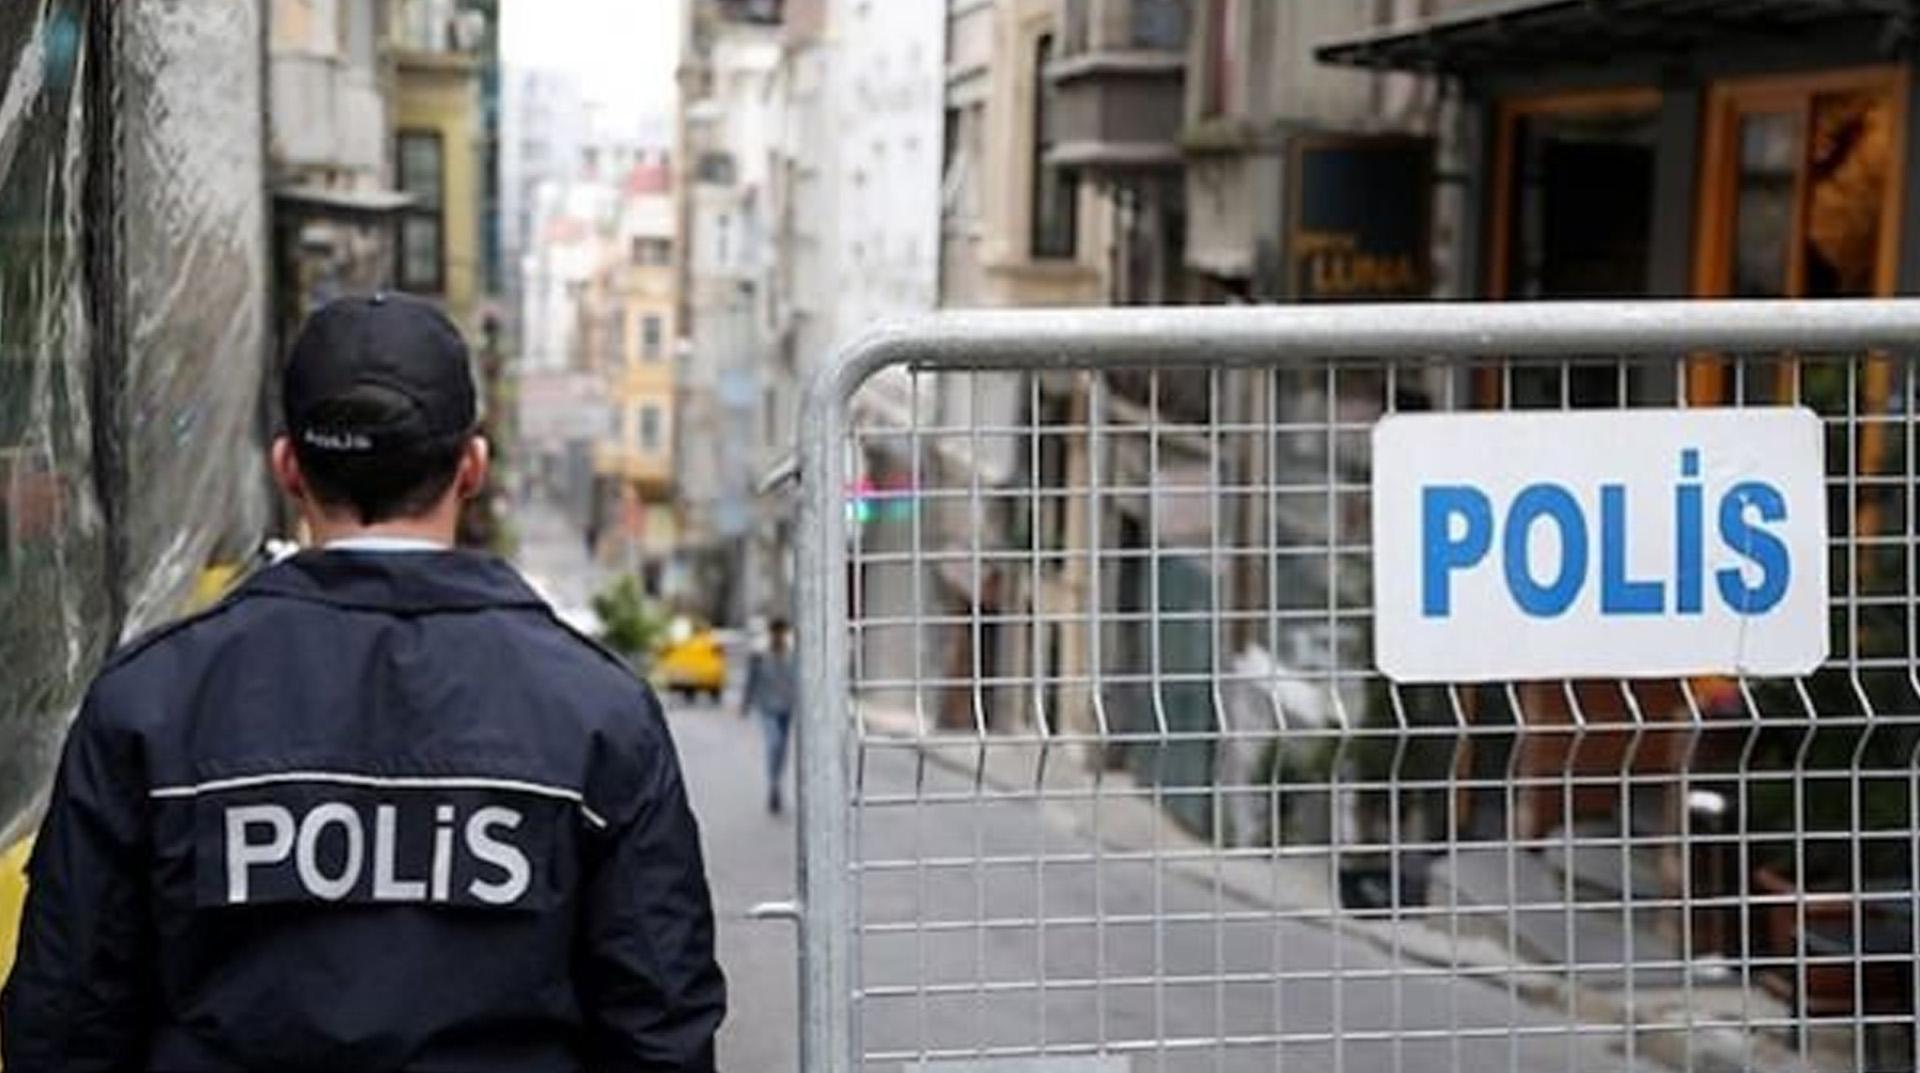 Muş'ta toplantı ve gösteri 15 gün süreyle yasaklandı